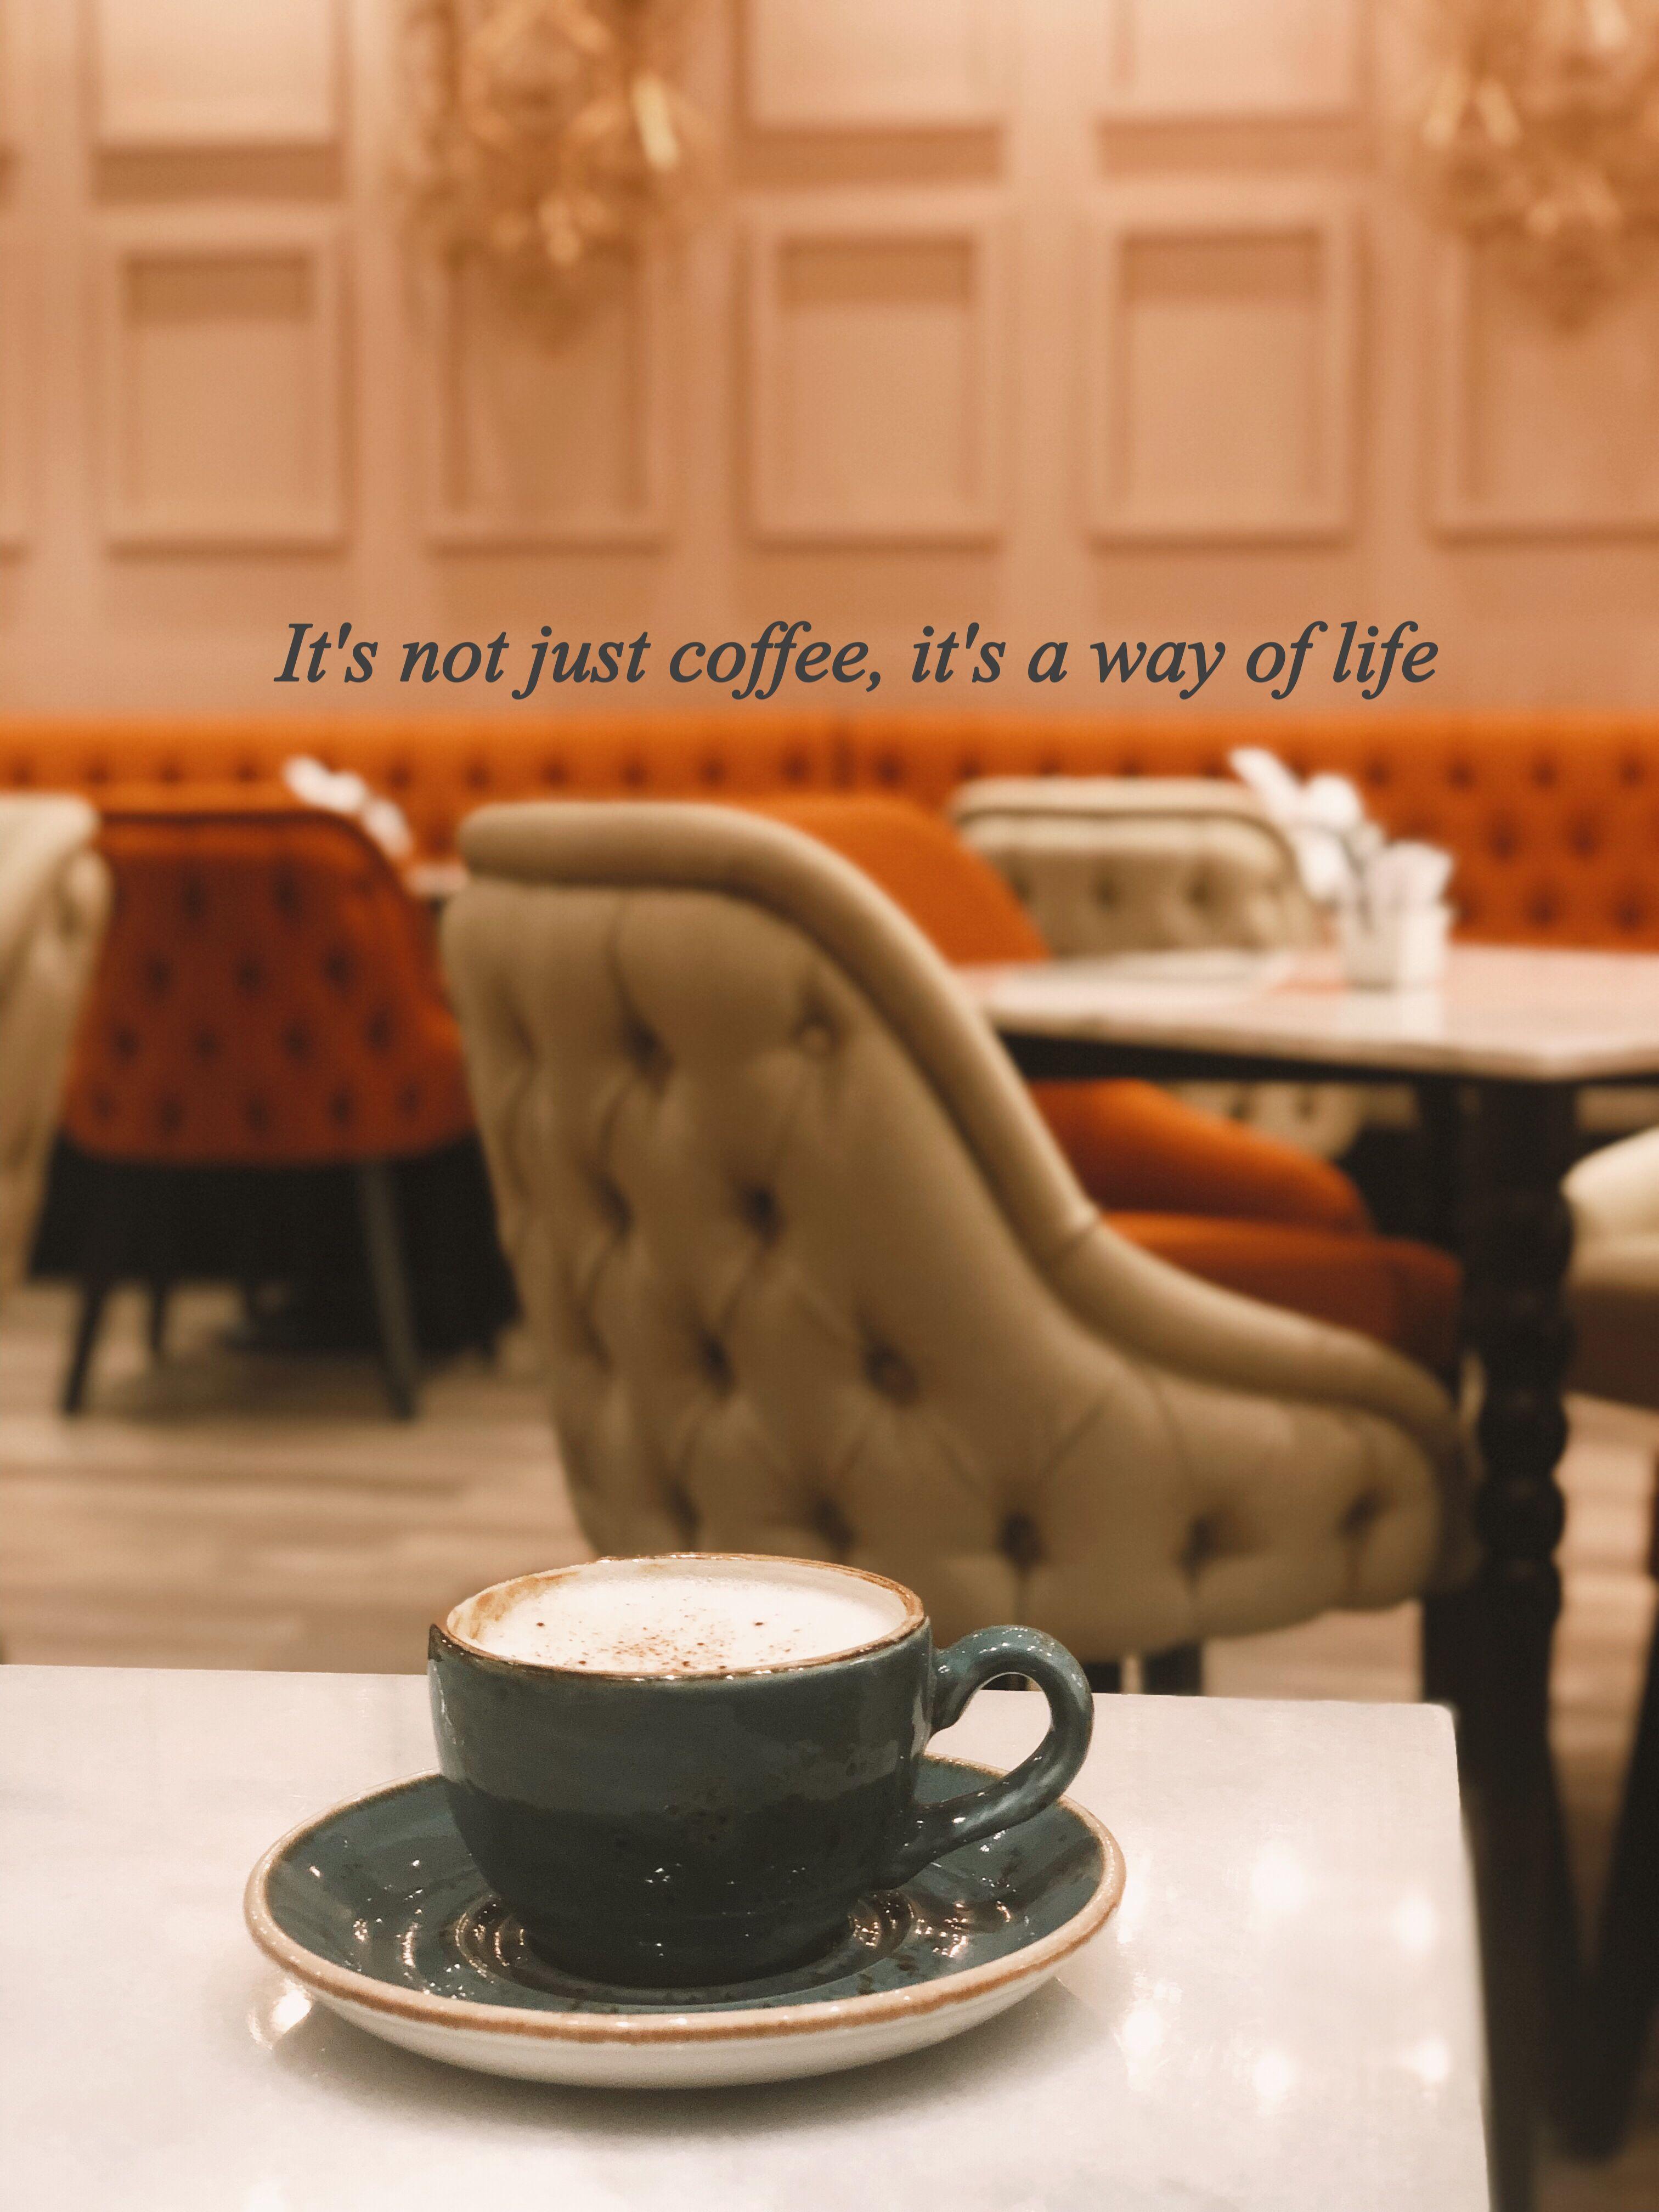 ليست مجرد قهوة Chess Board Decor Home Decor